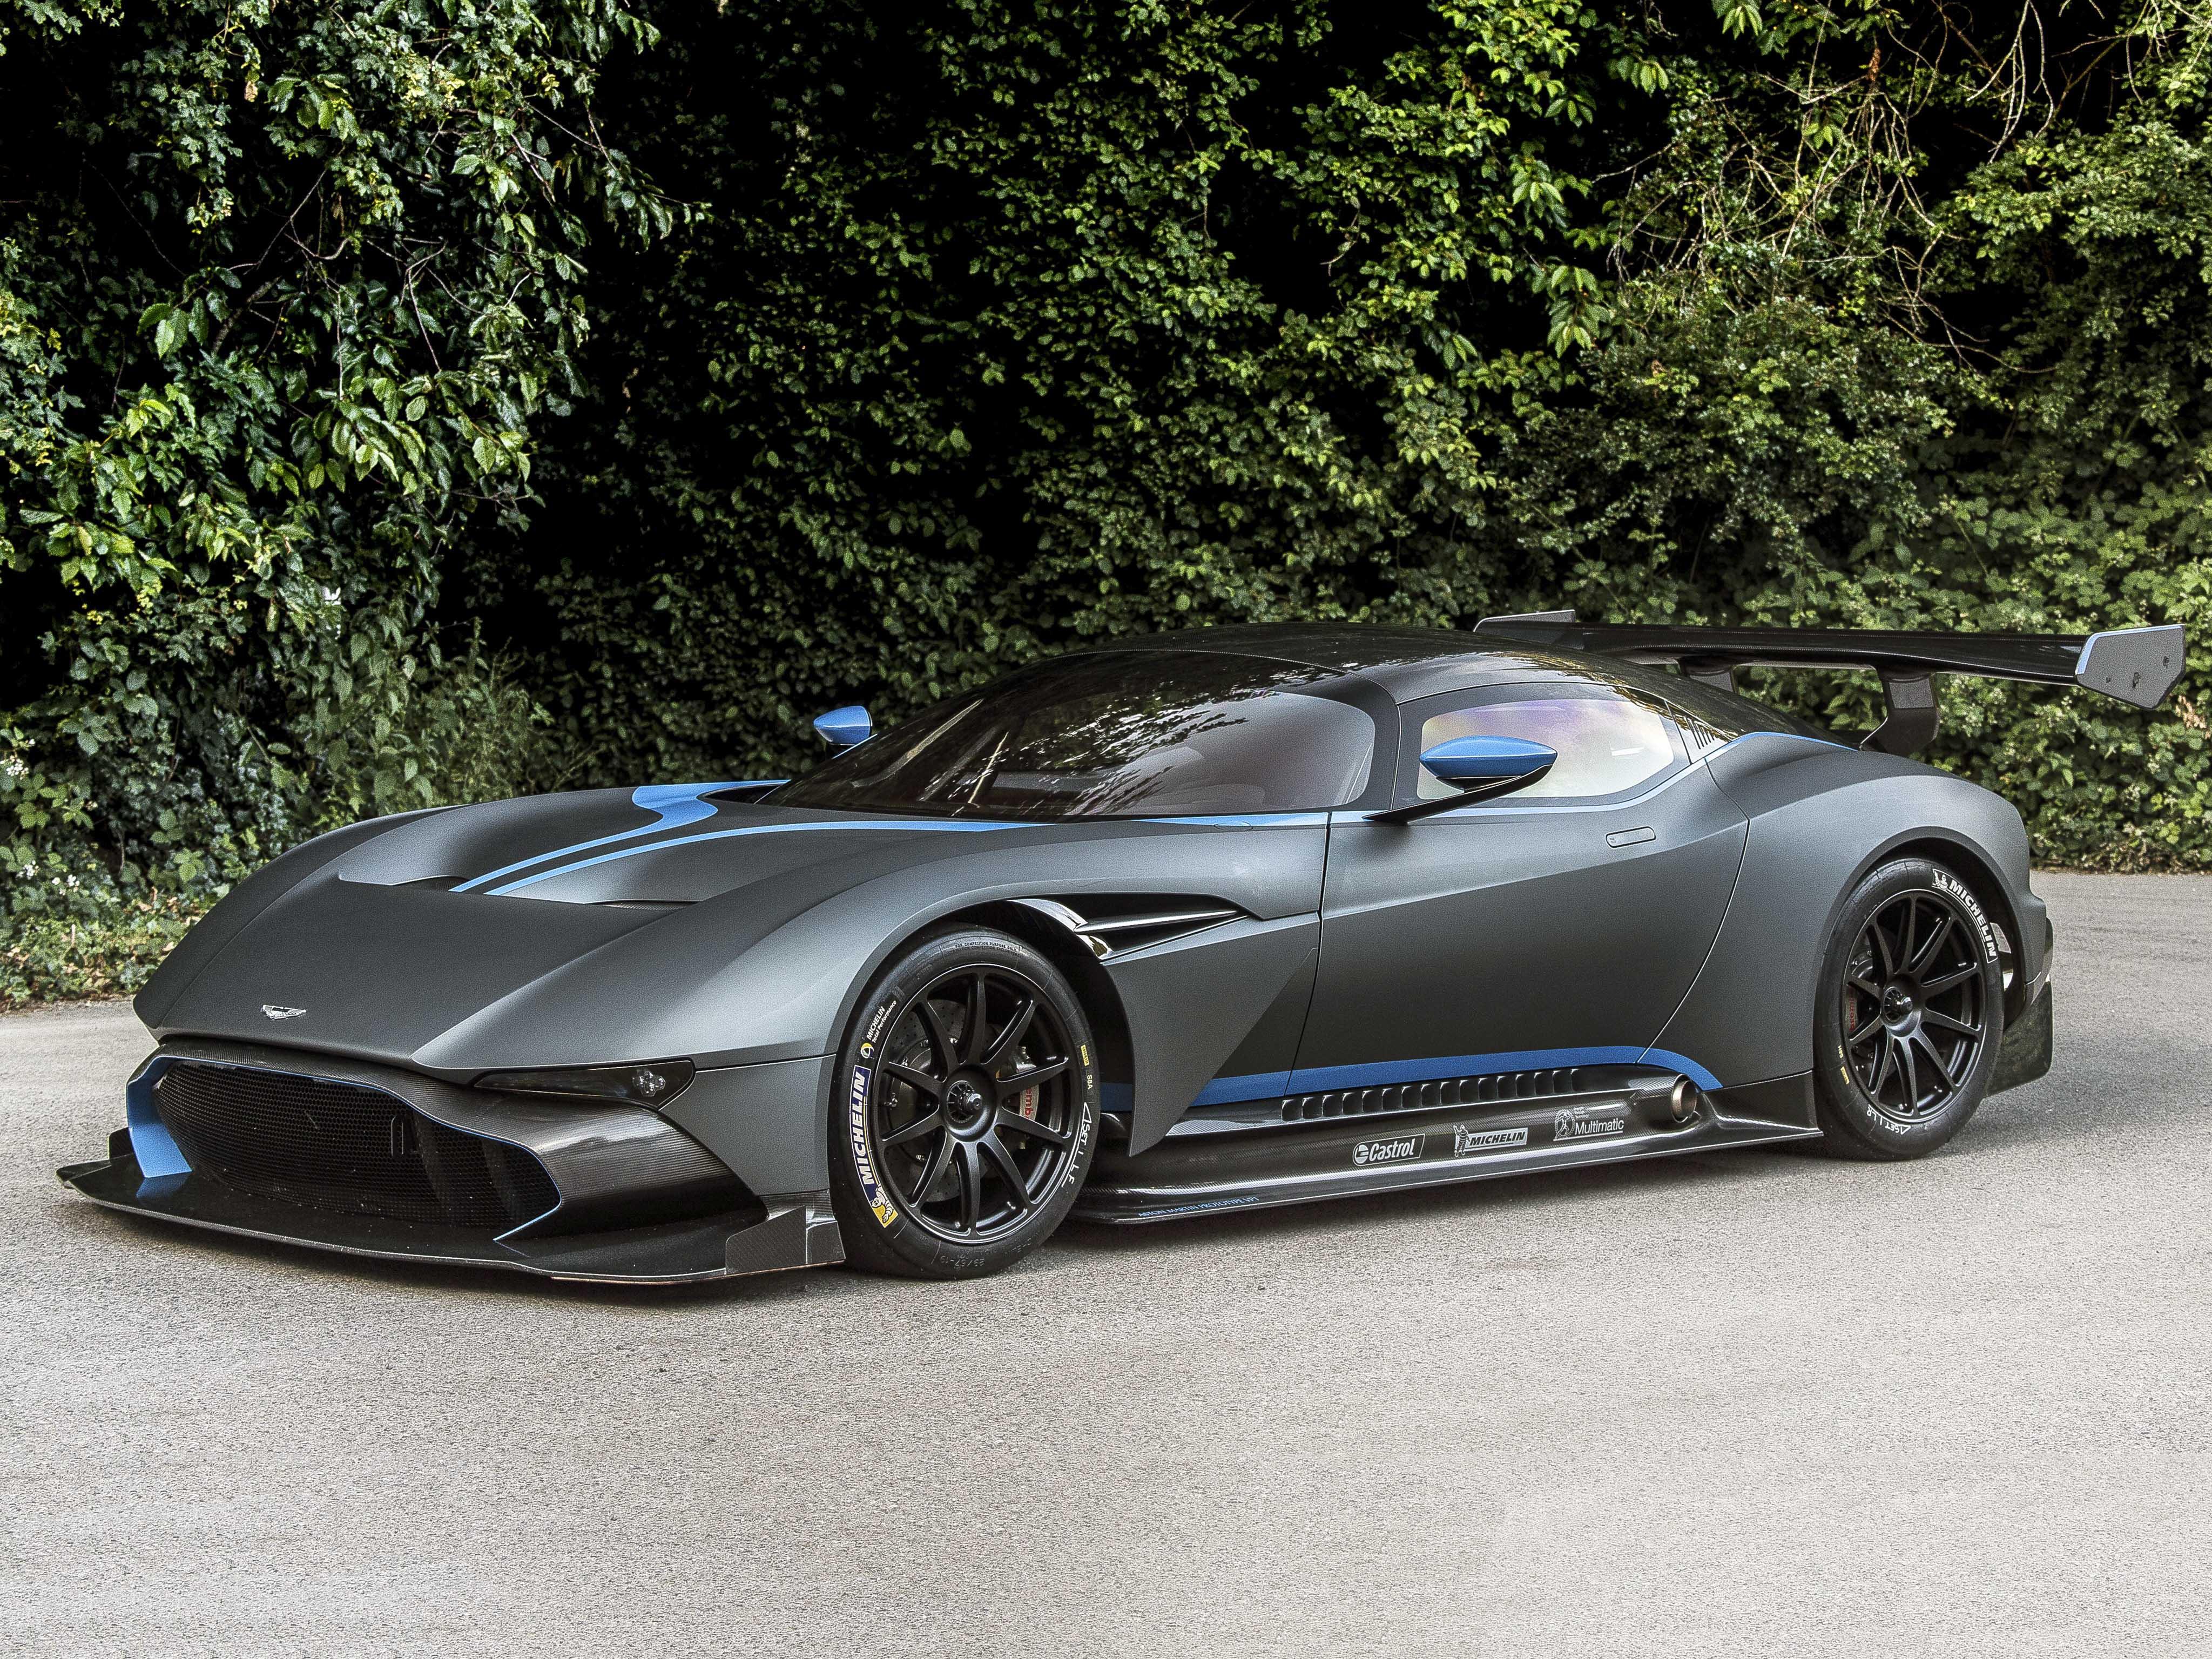 Aston Martin Vulcan Wallpapers Hd